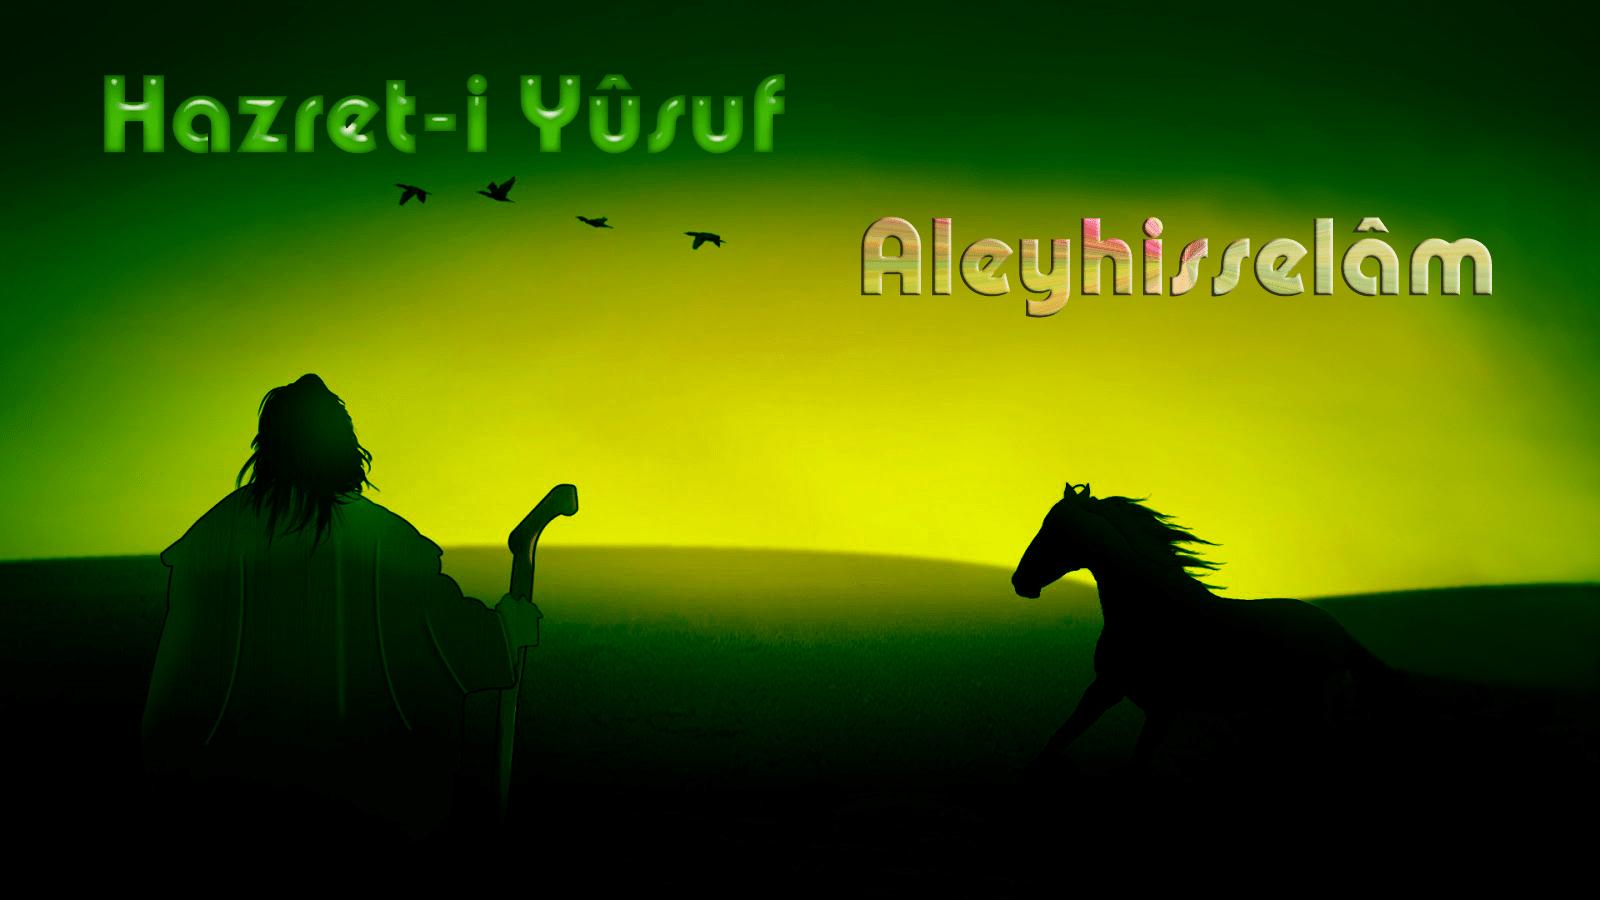 Hazreti-Yusuf-Aleyhisselam Hakiki Alimlerin İlmi Derinliği ve Günümüzün Sözde Kur'ancıları!